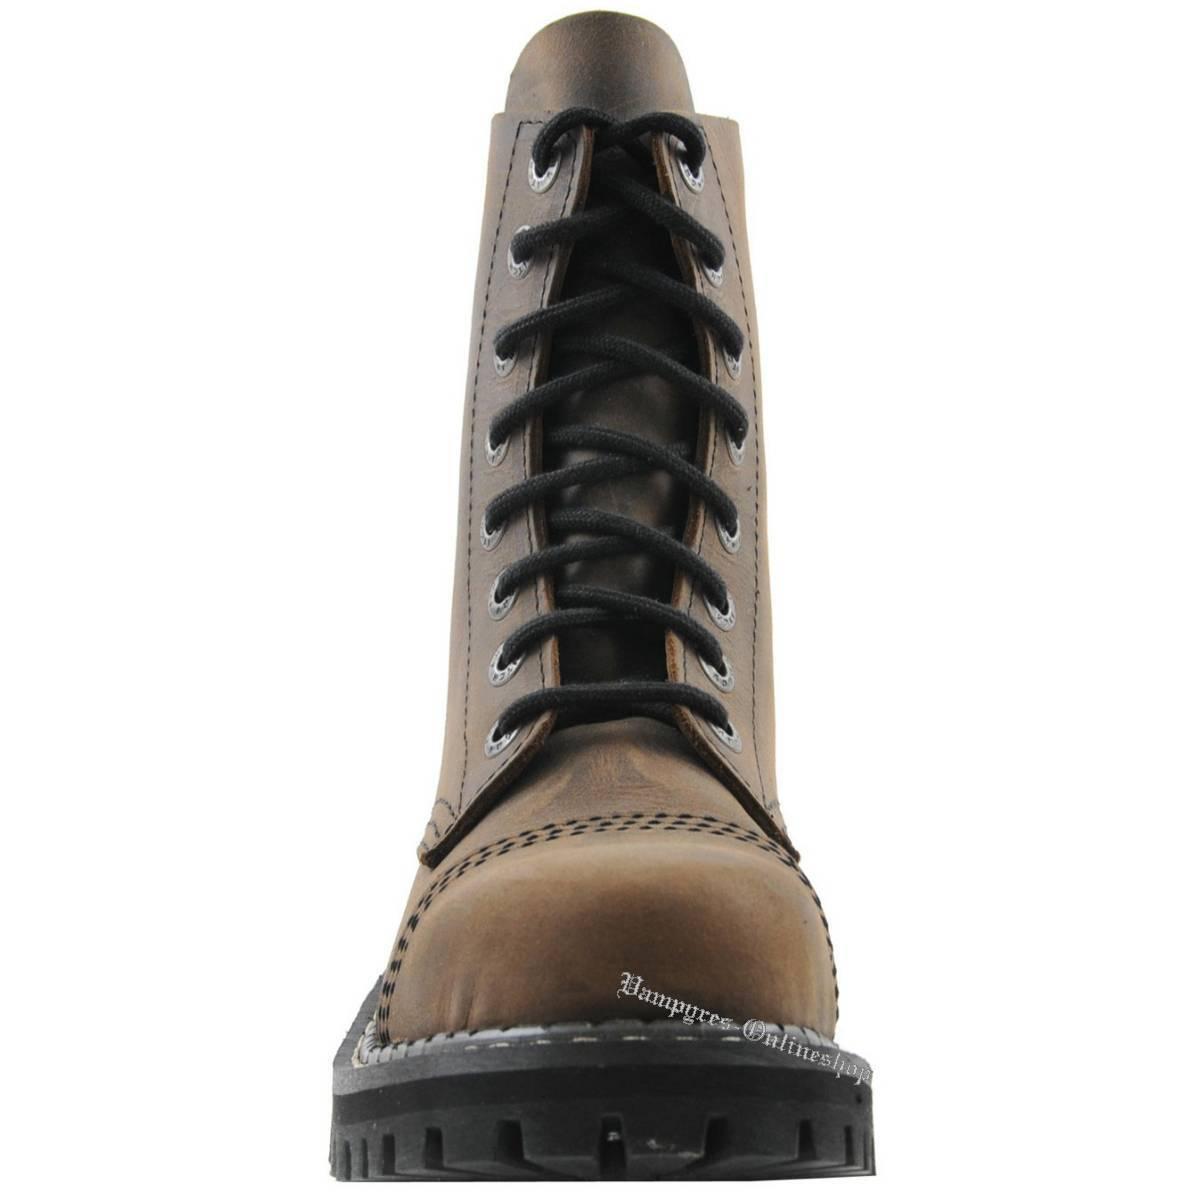 Angry Itch 8-agujero marrón vintage marrón rangers botas botas botas de cuero zapatos tapas de acero 680bac